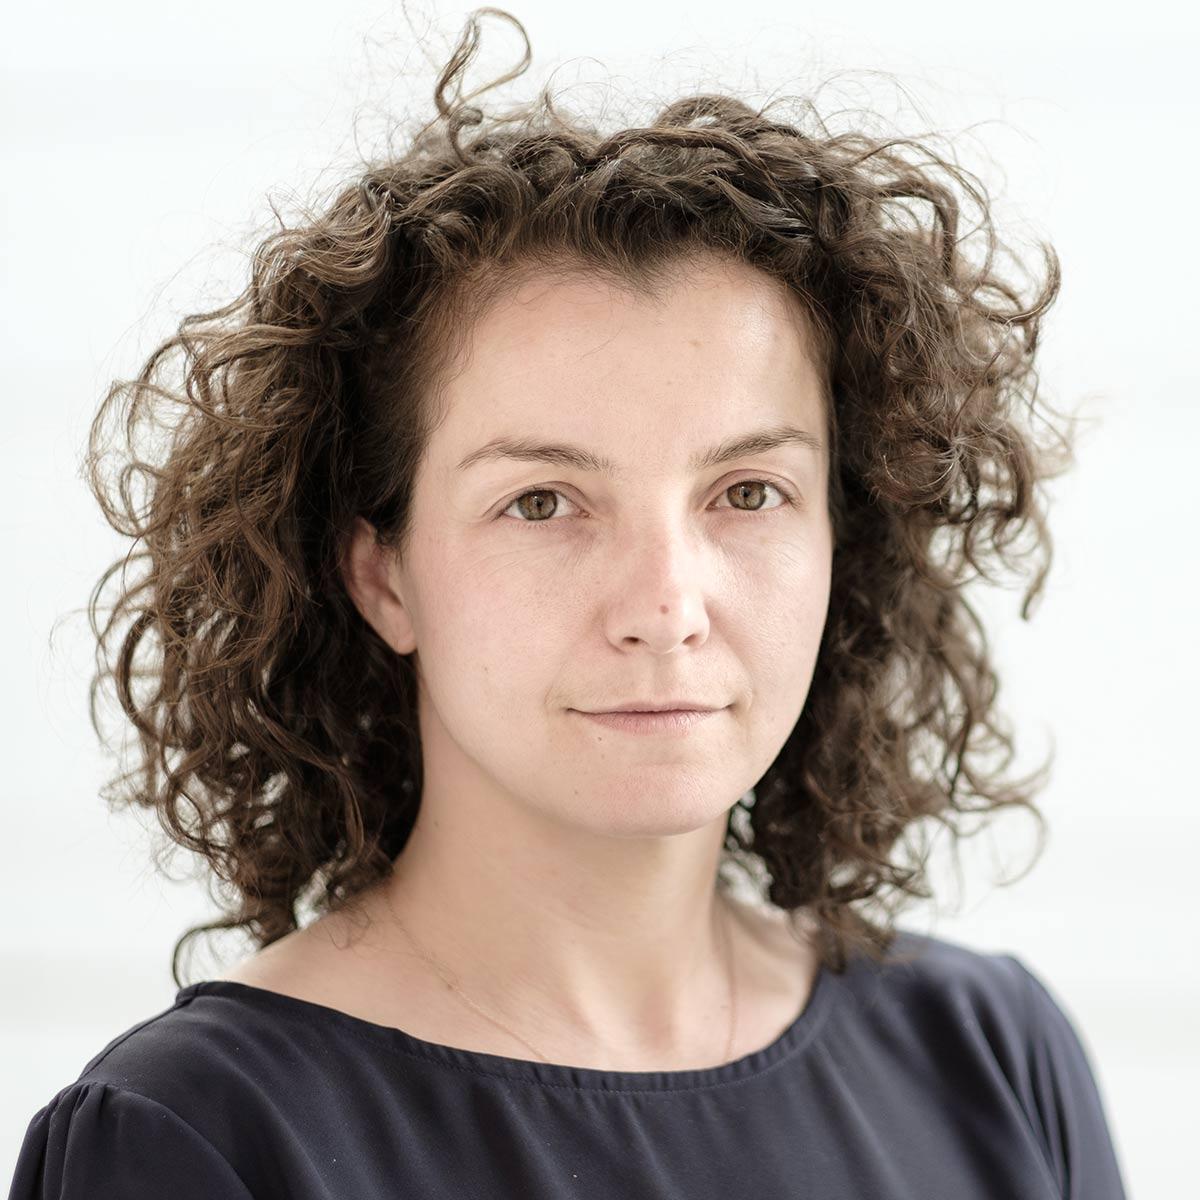 Annelies Lamprecht